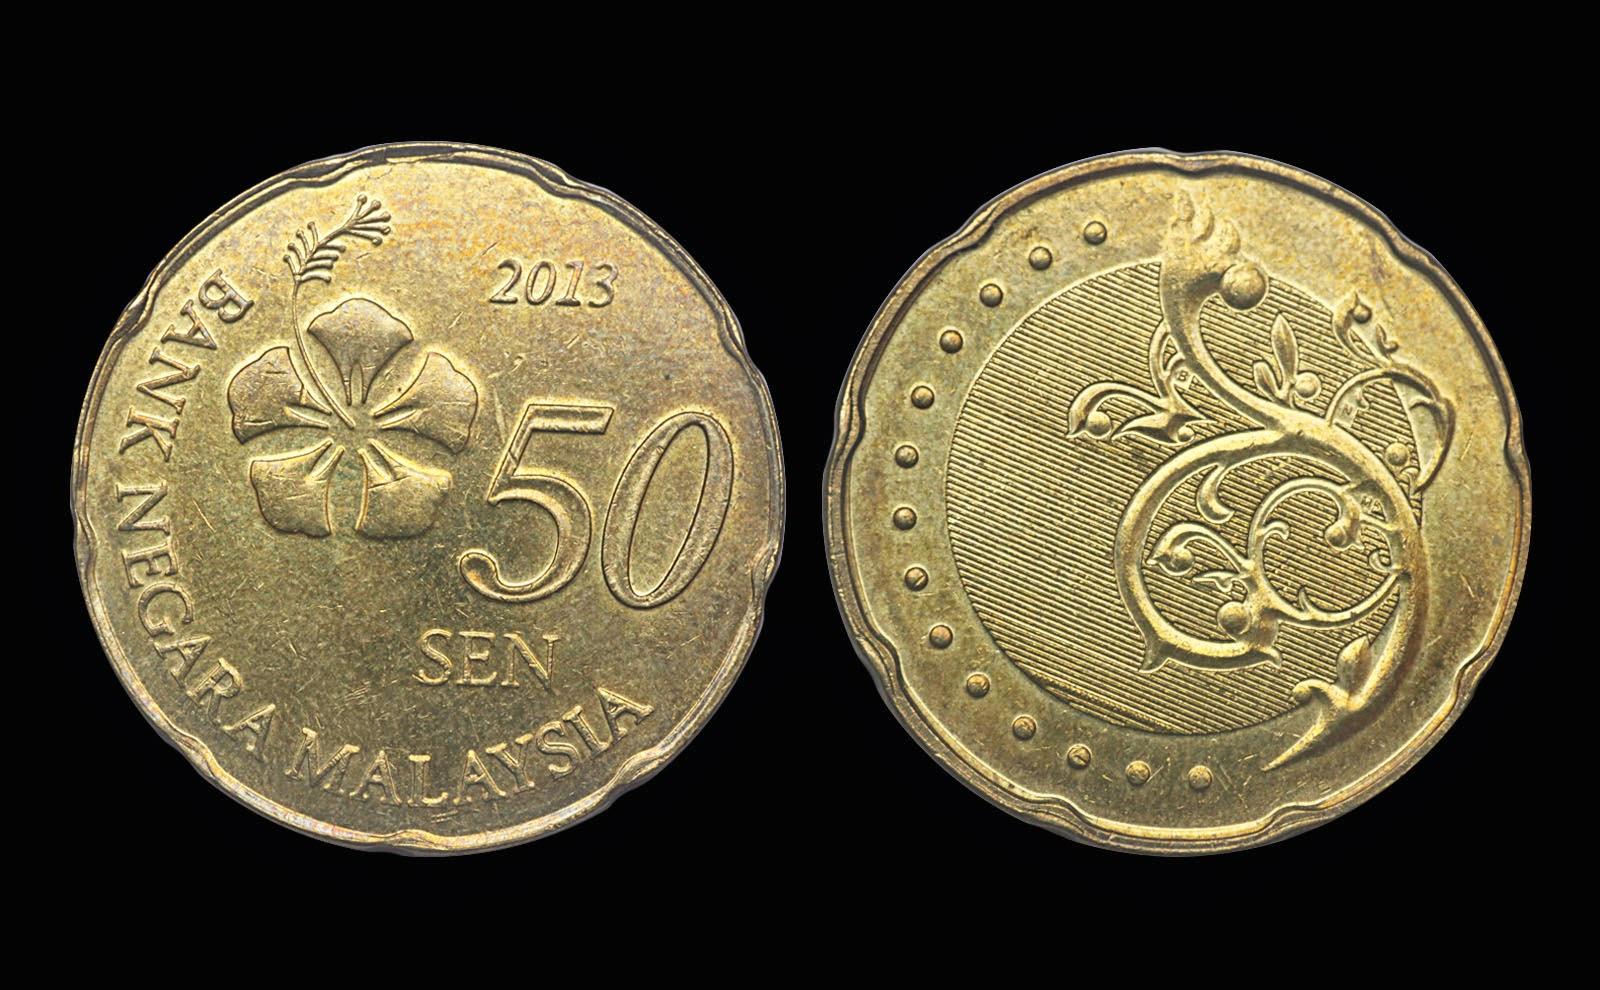 Malaysia 50 sen 2013 coin